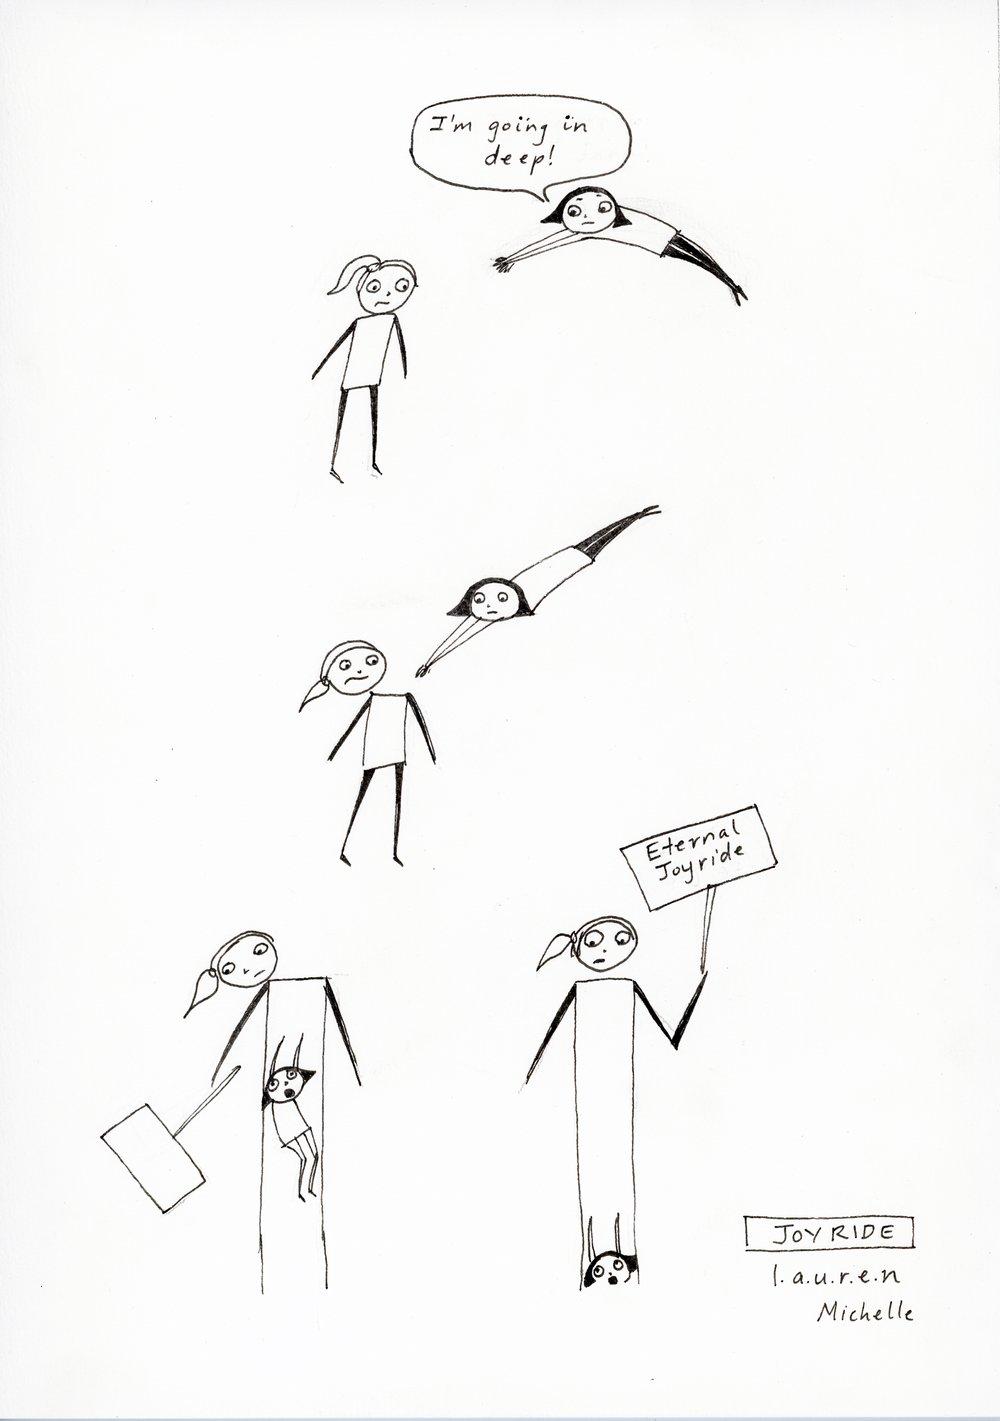 'Joy Ride' - by Lauren Michelle (ink on cotton rag)